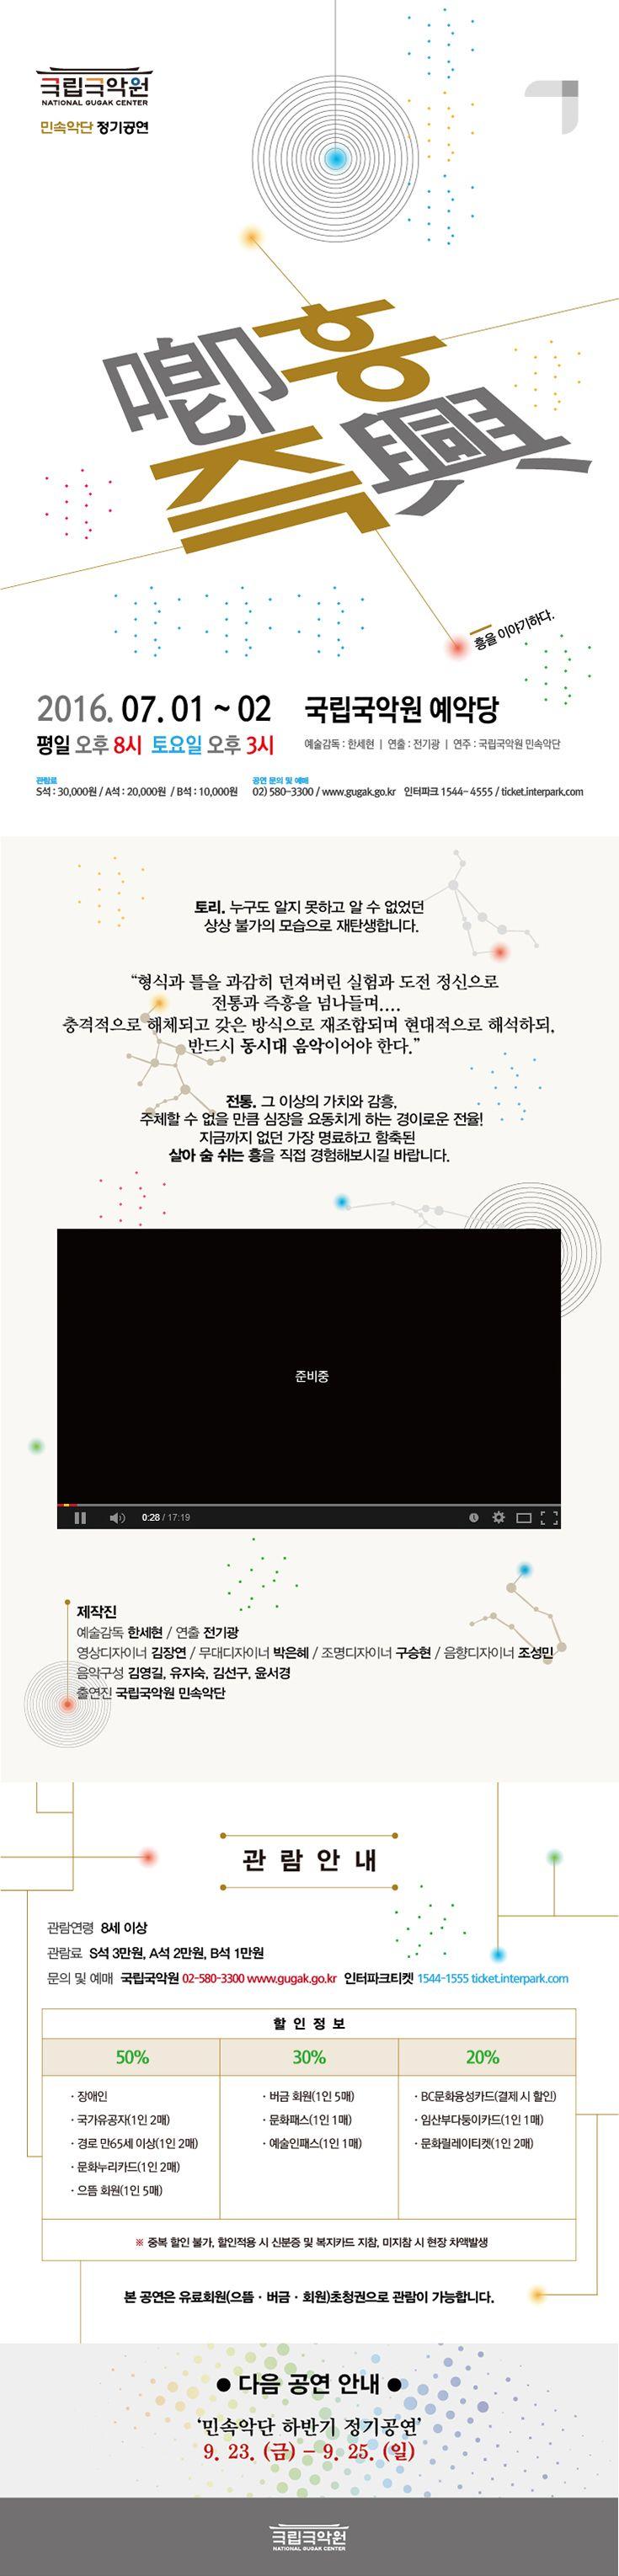 2016 민속악단 정기공연 즉흥